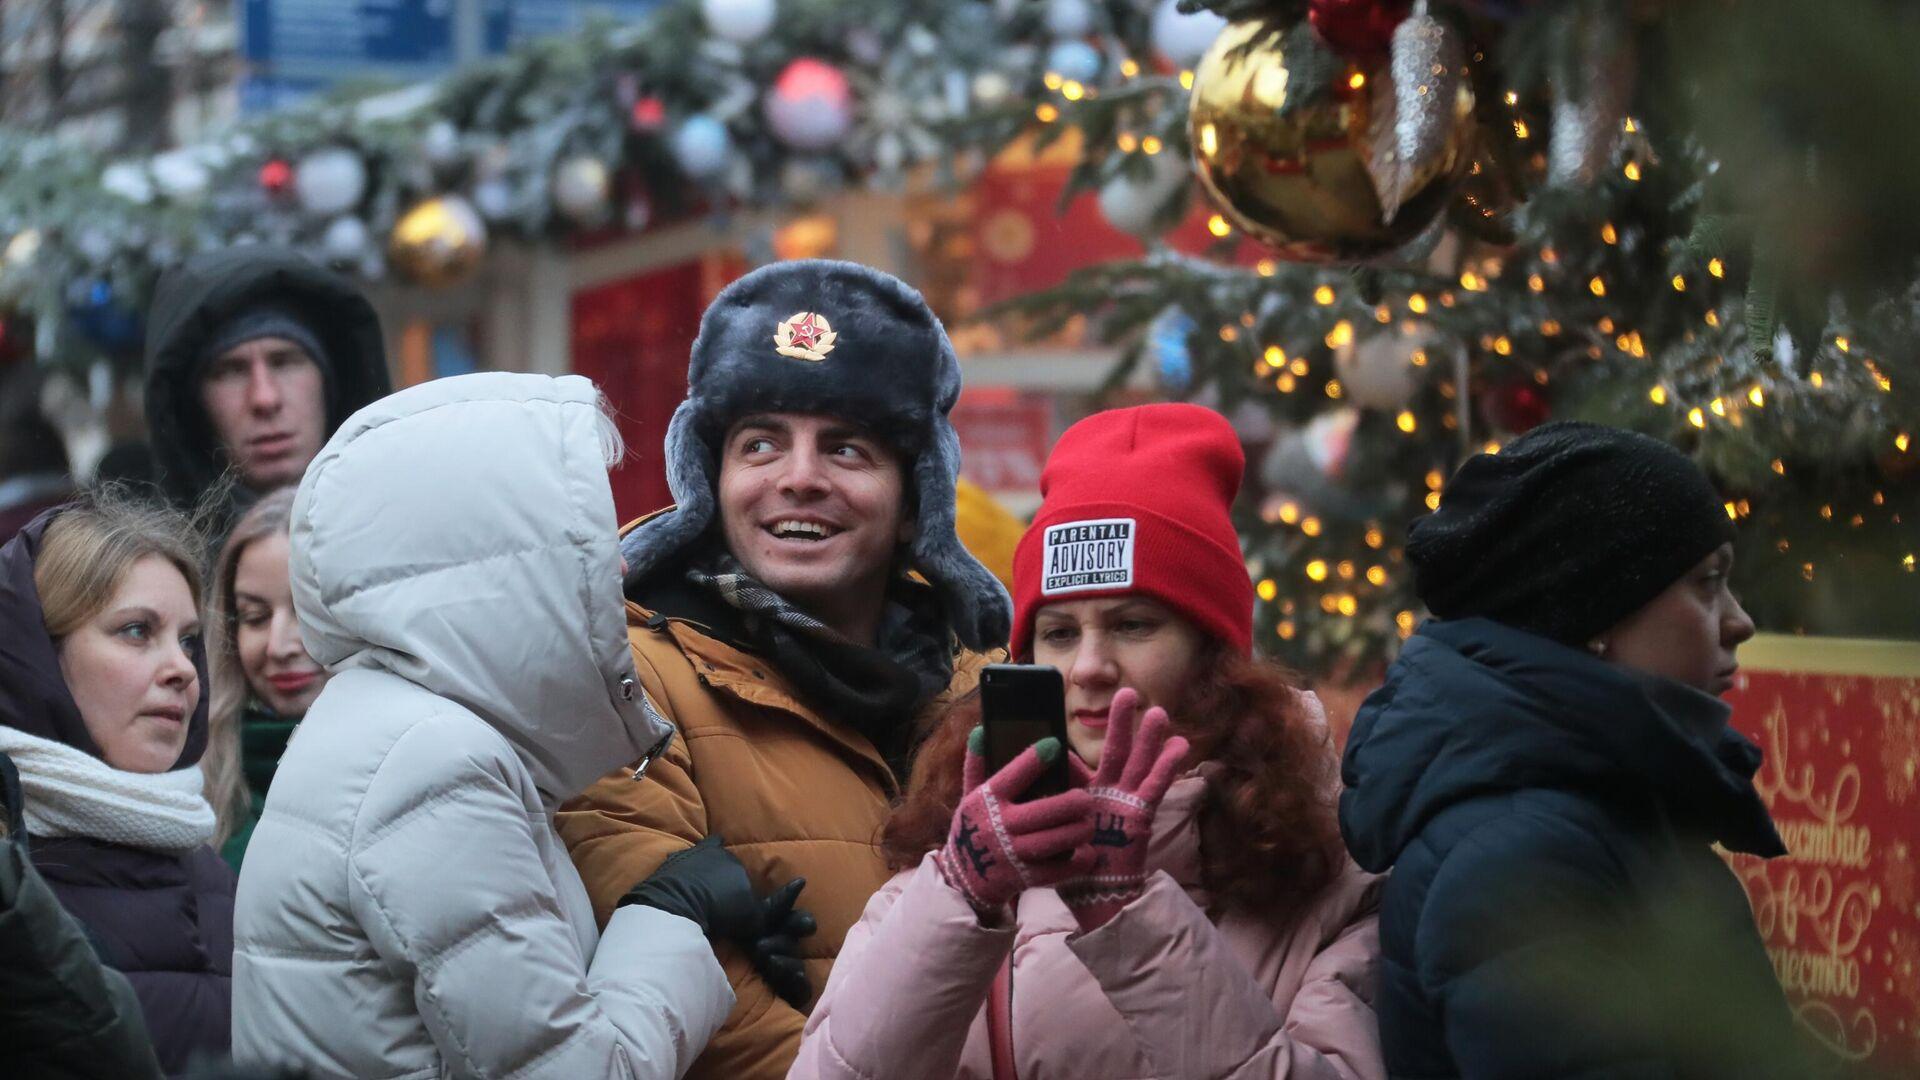 Иностранные туристы на фестивале Путешествие в Рождество в Москве - РИА Новости, 1920, 15.12.2020